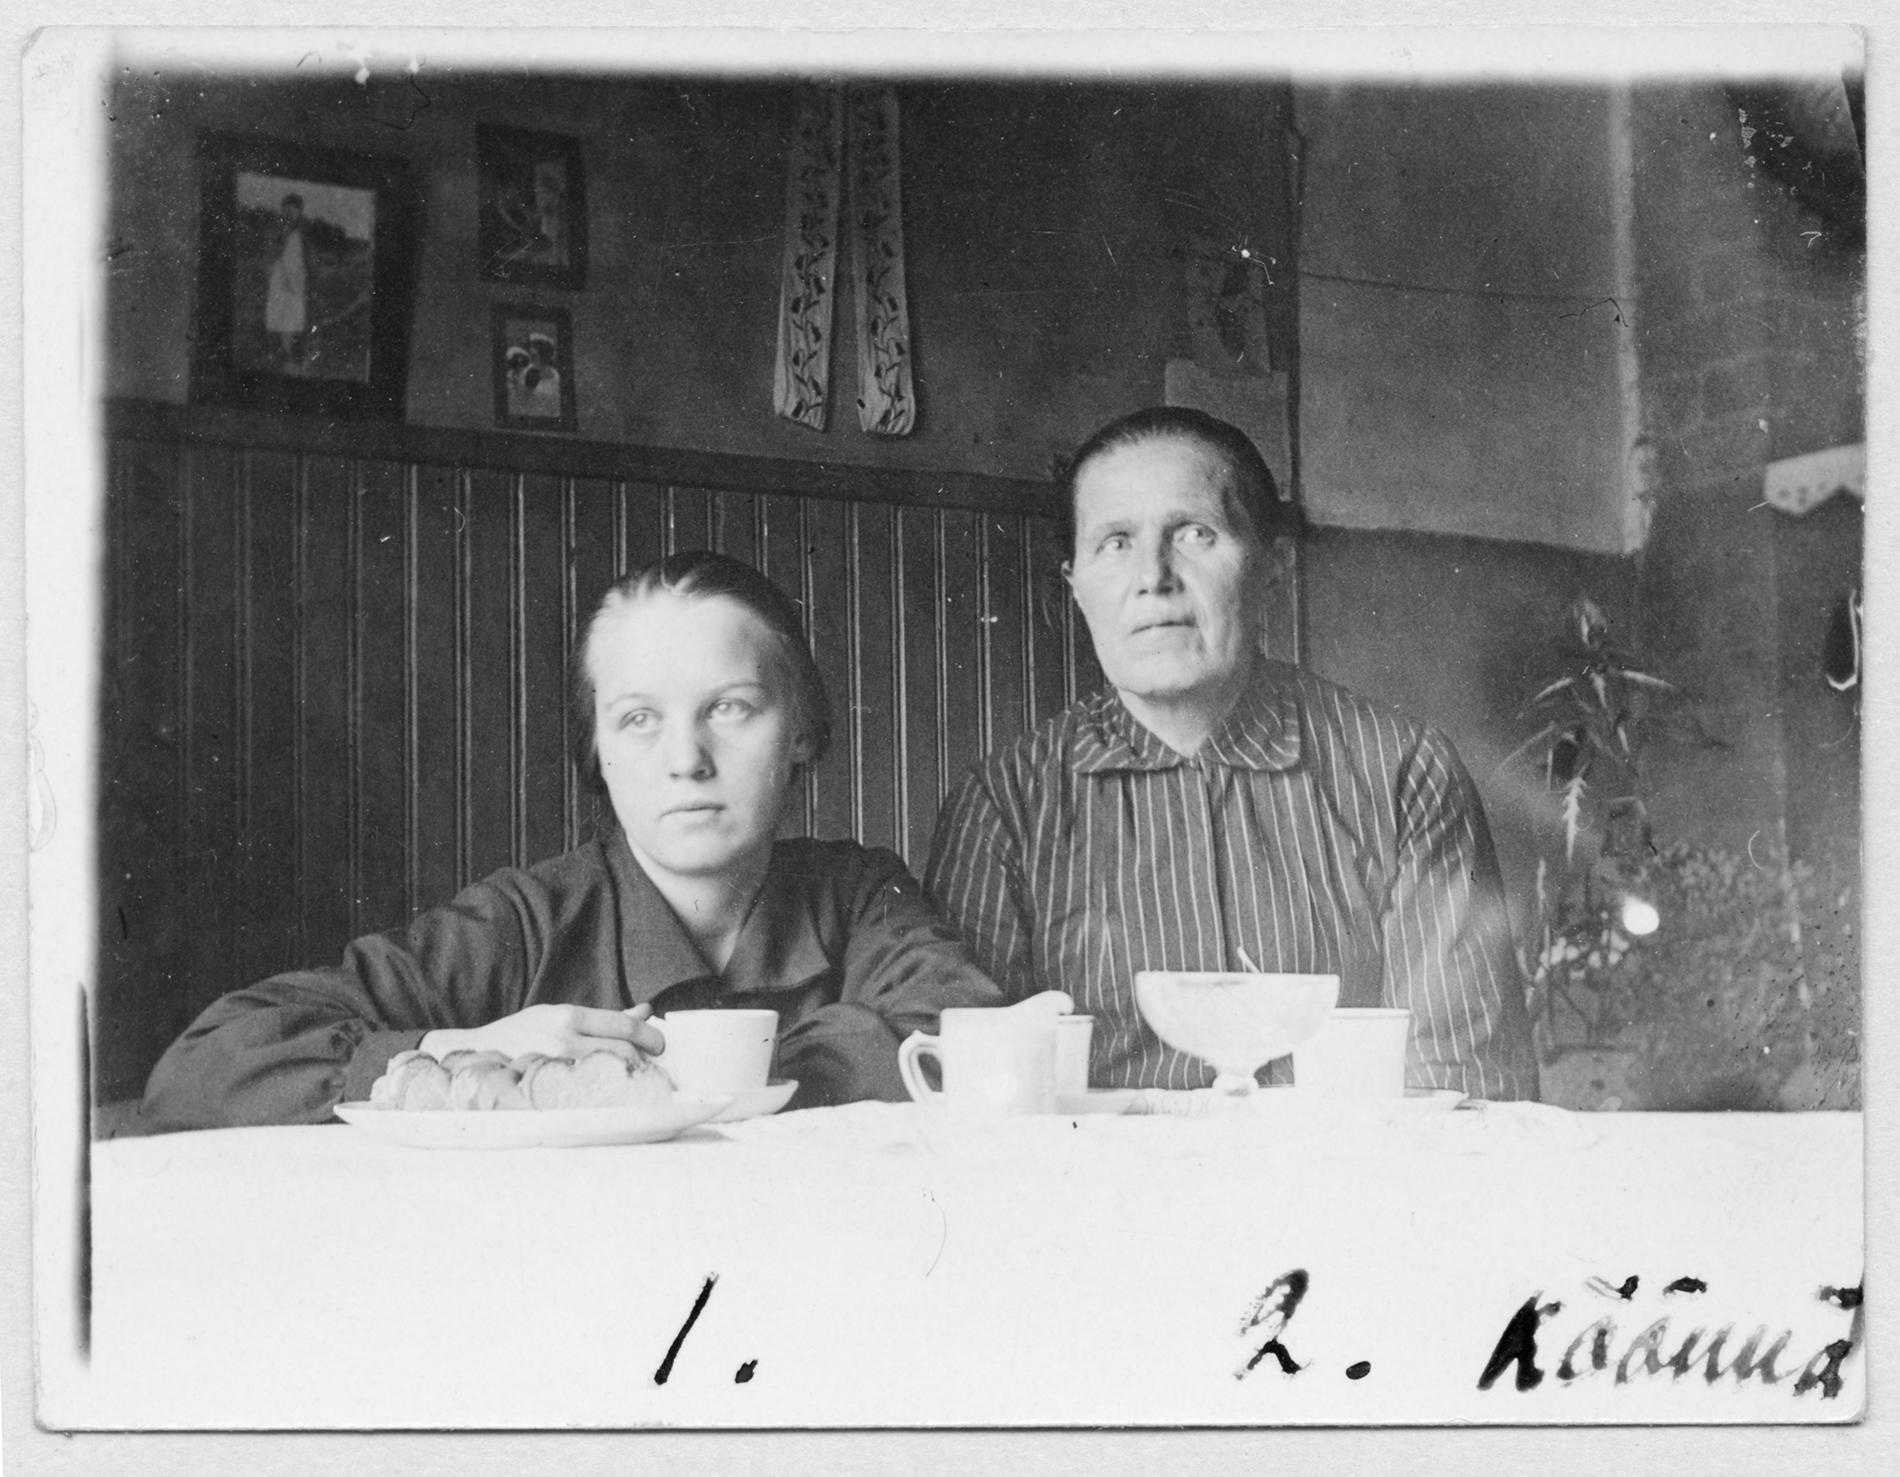 Kerääjä Naimi Kinnunen ja kertoja Maria Rautainen Paavolasta. Kuva on saatu arkistoon vuonna 1937. Kuvaaja tuntematon. SKS KRA.